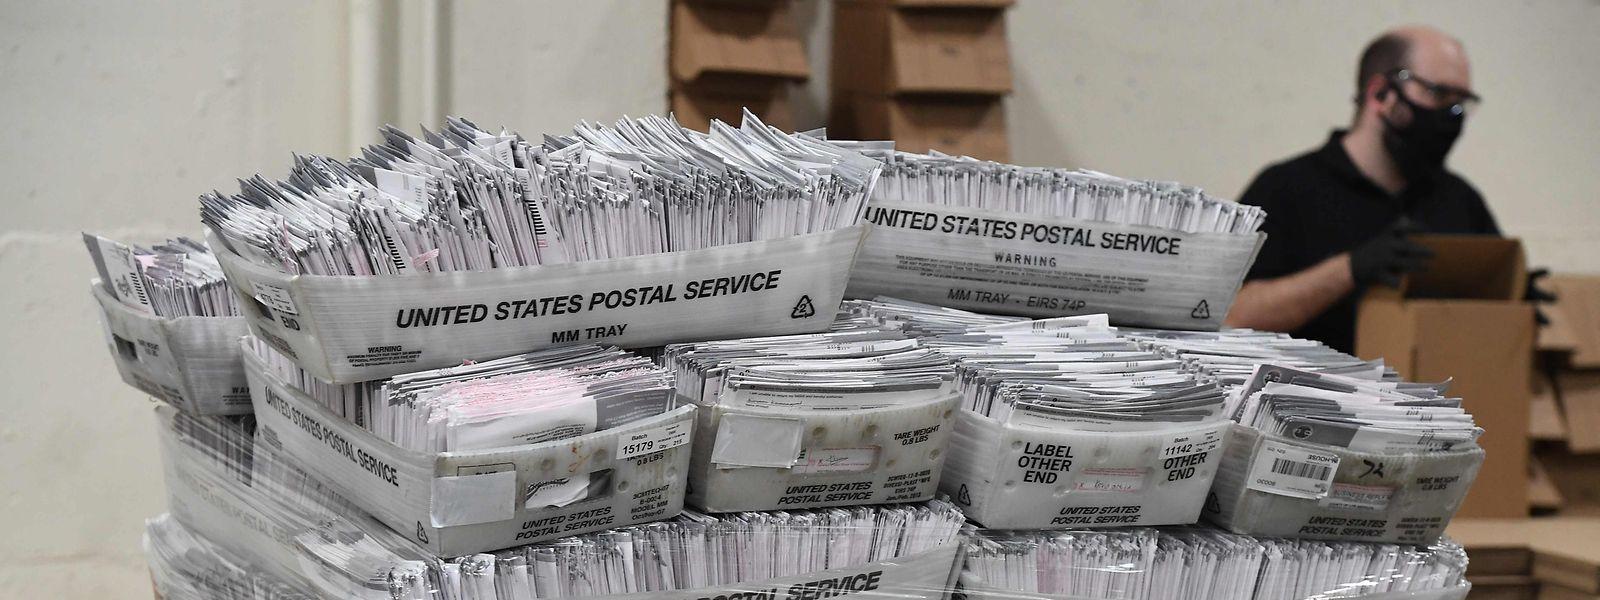 """Um die Ansteckungsgefahr zu minimieren, profitieren viele Wähler von der Möglichkeit, ihre Stimme vor dem eigentlichen Wahltag im Rahmen des """"early voting"""" oder per Briefwahl abzugeben."""